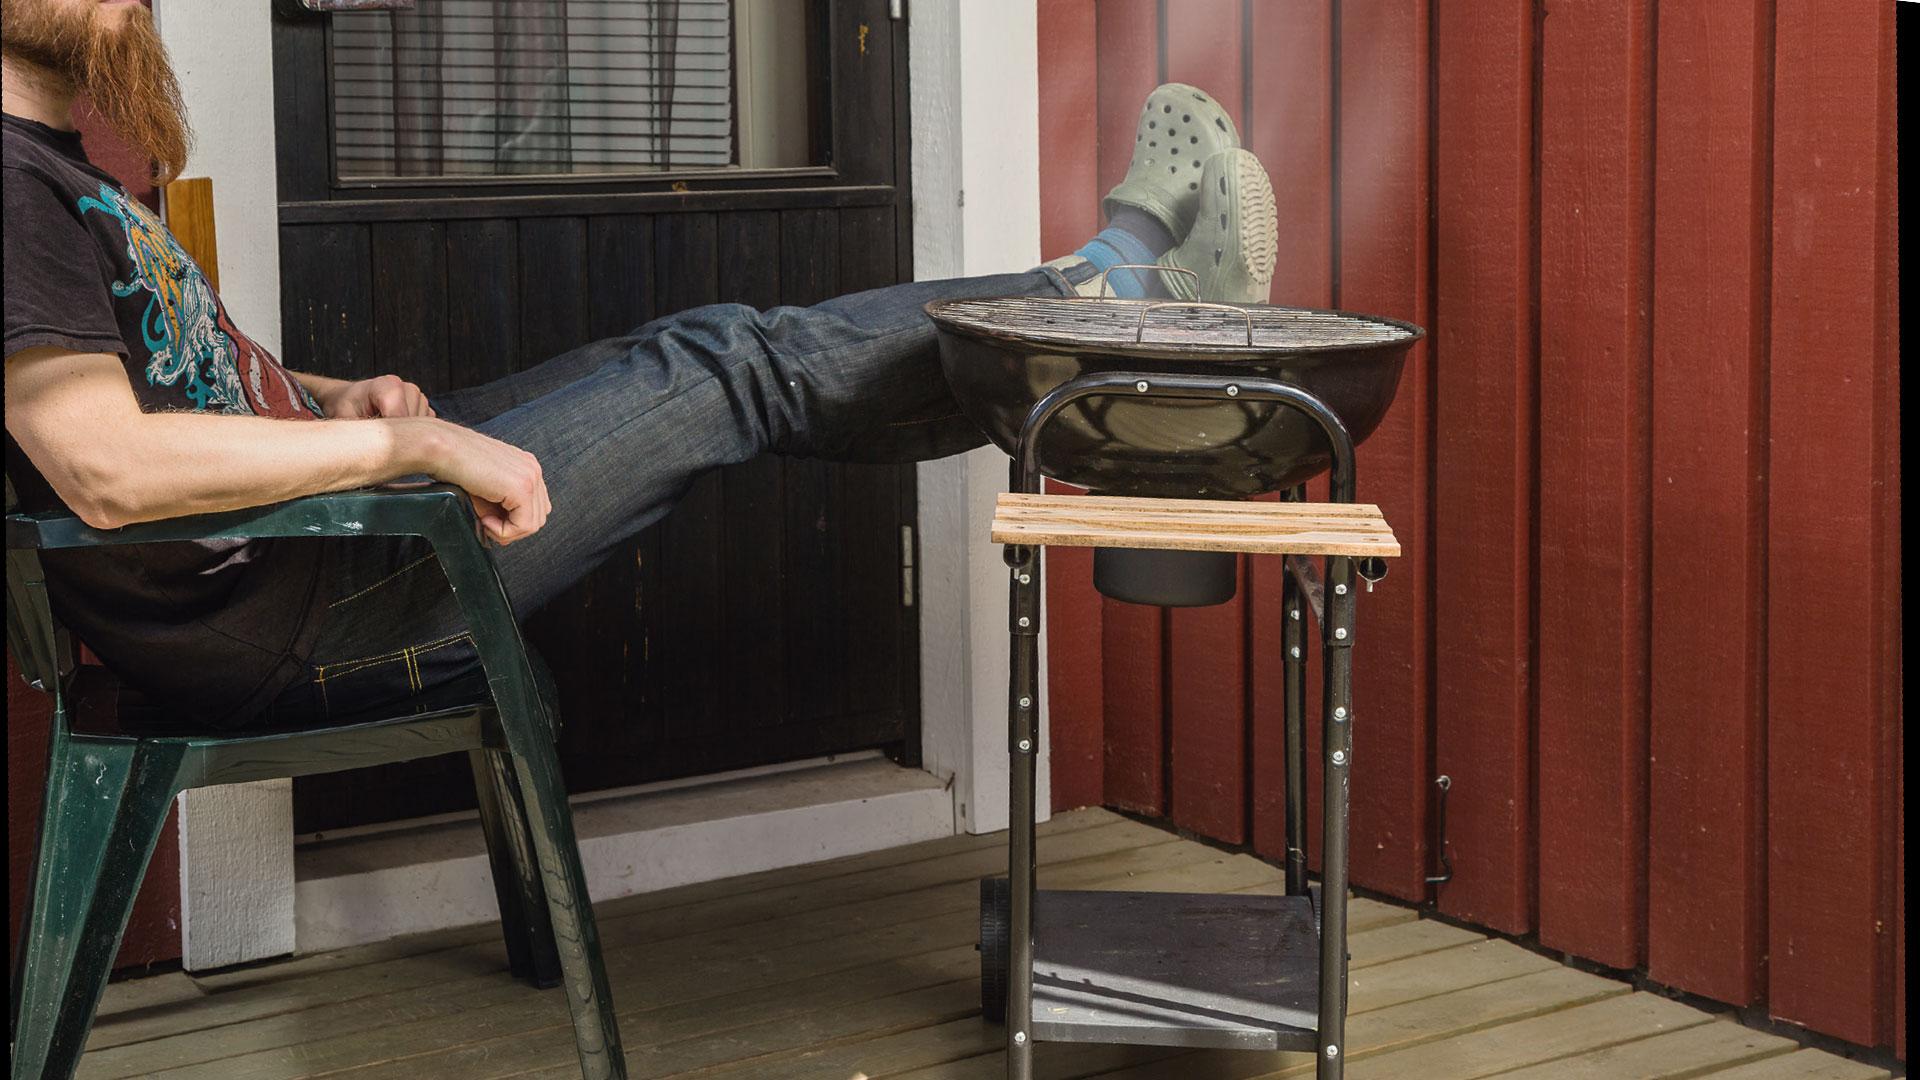 Jos taloyhtiössä on hyväksytty järjestyssäännöt, joissa grillaaminen parvekkeella kielletään, onko tätä sääntöä noudatettava?